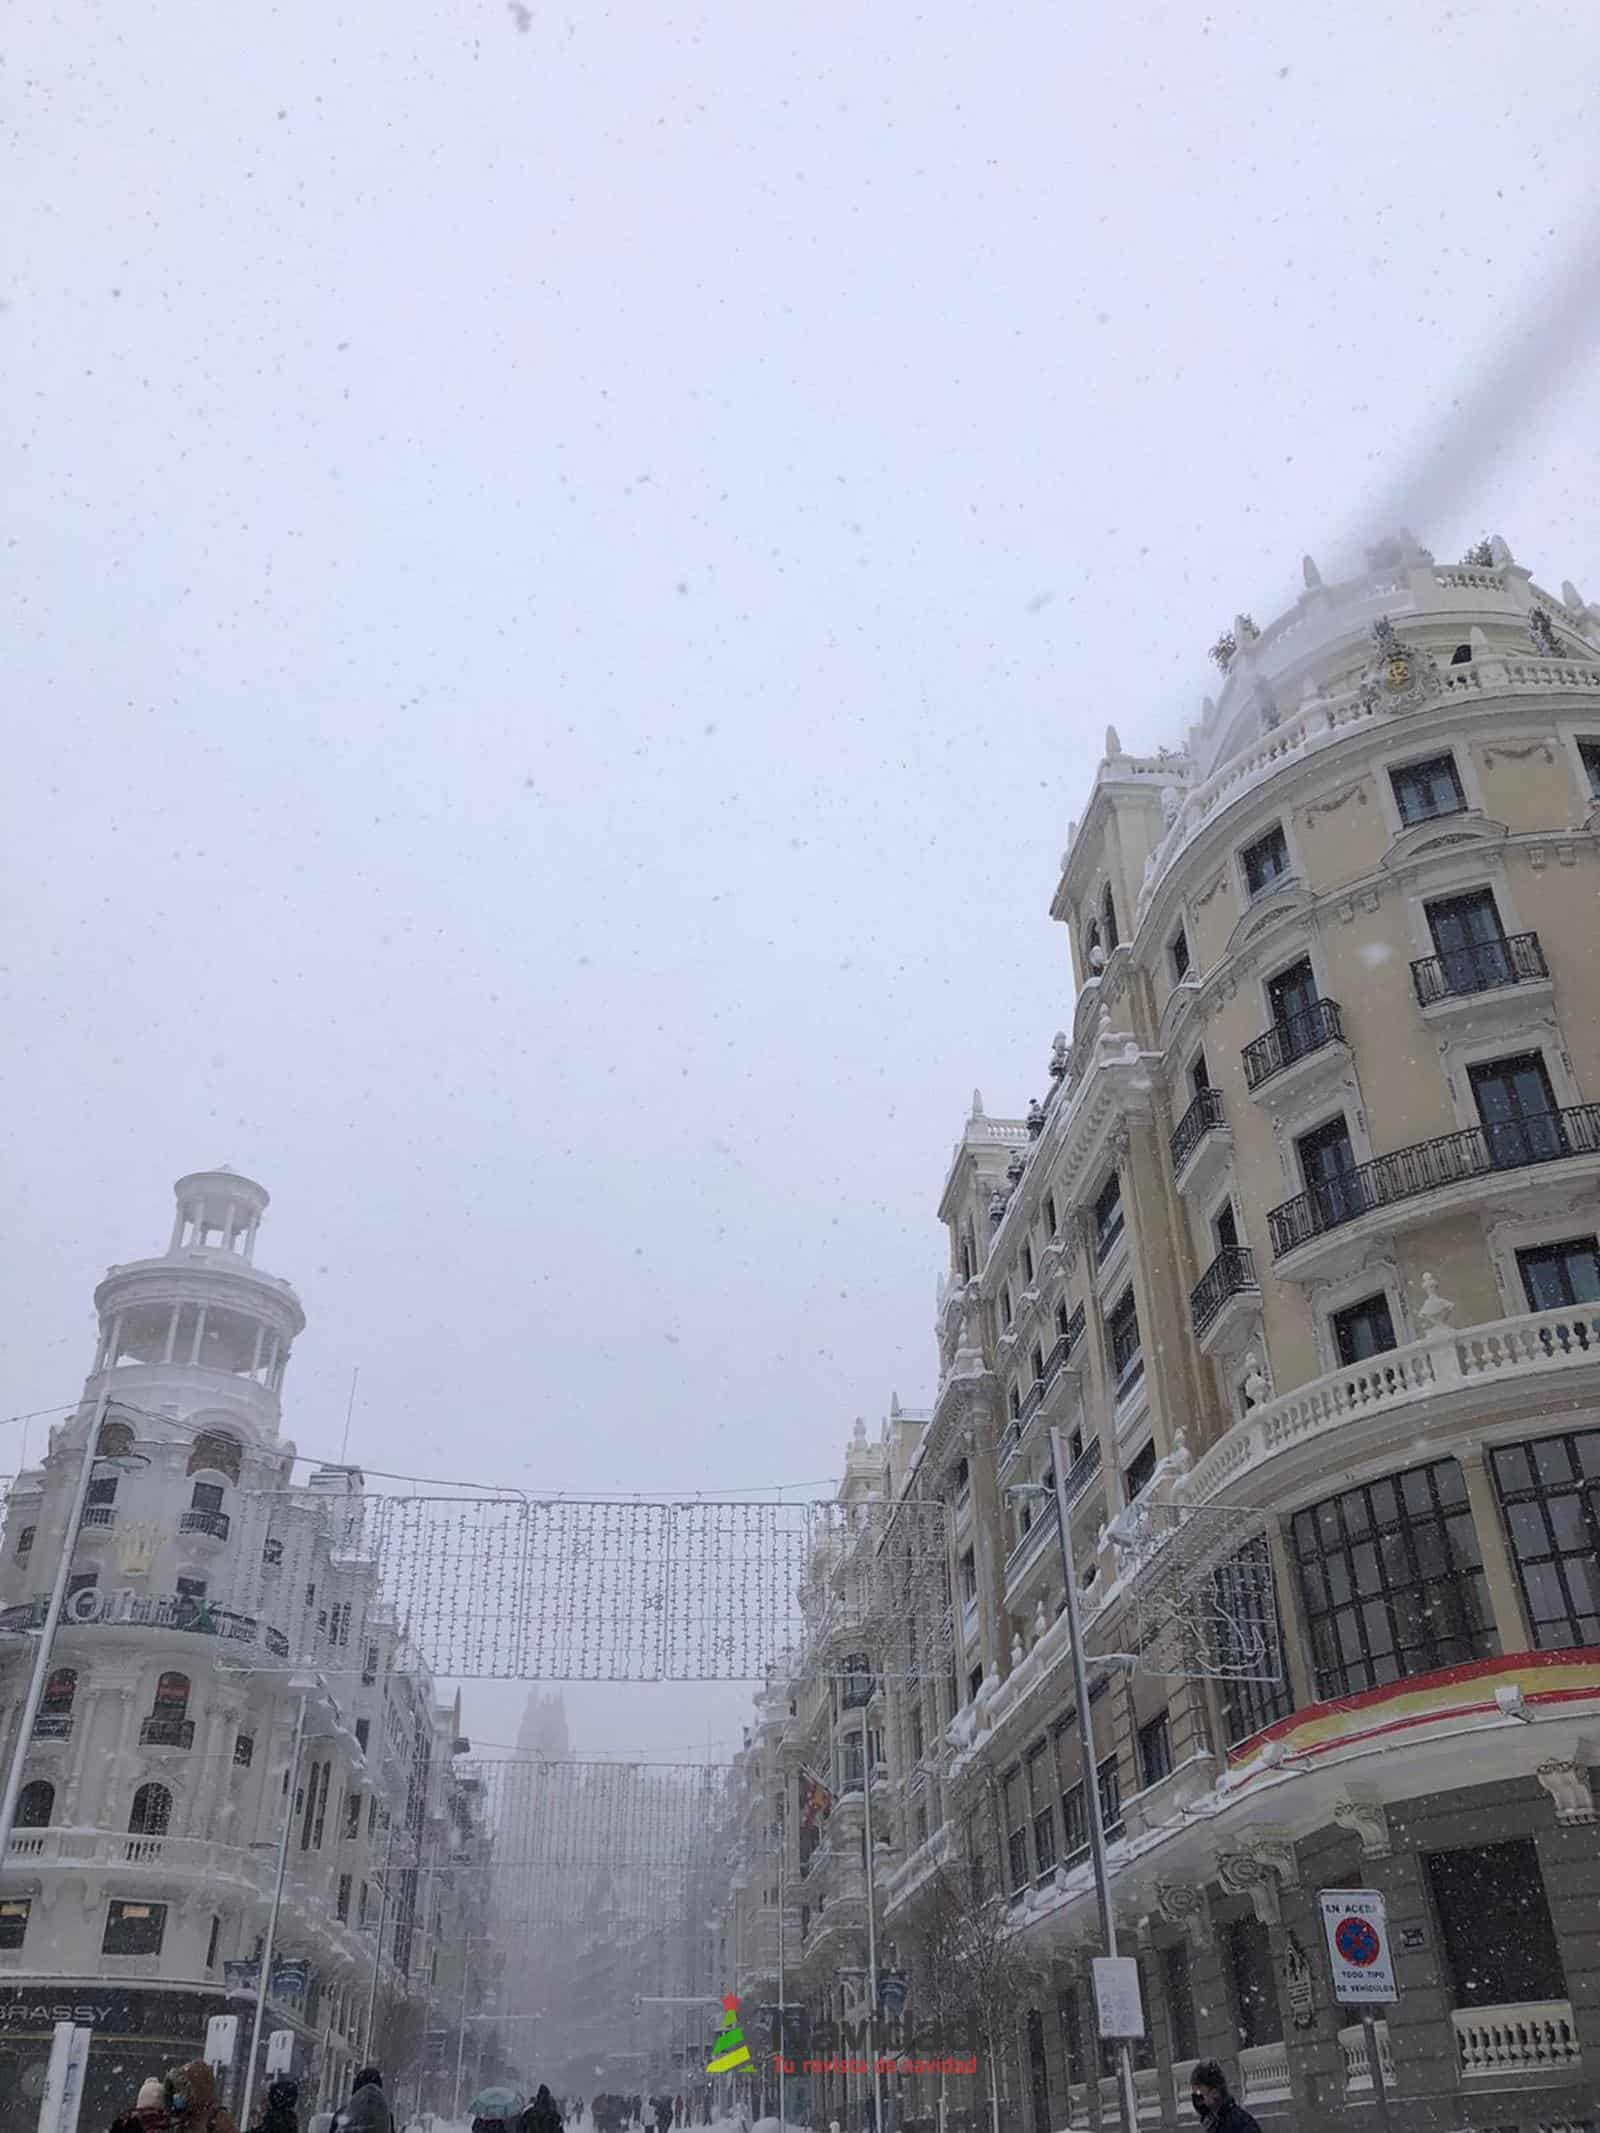 Fotografías de la nevada de enero en Madrid (España) 93